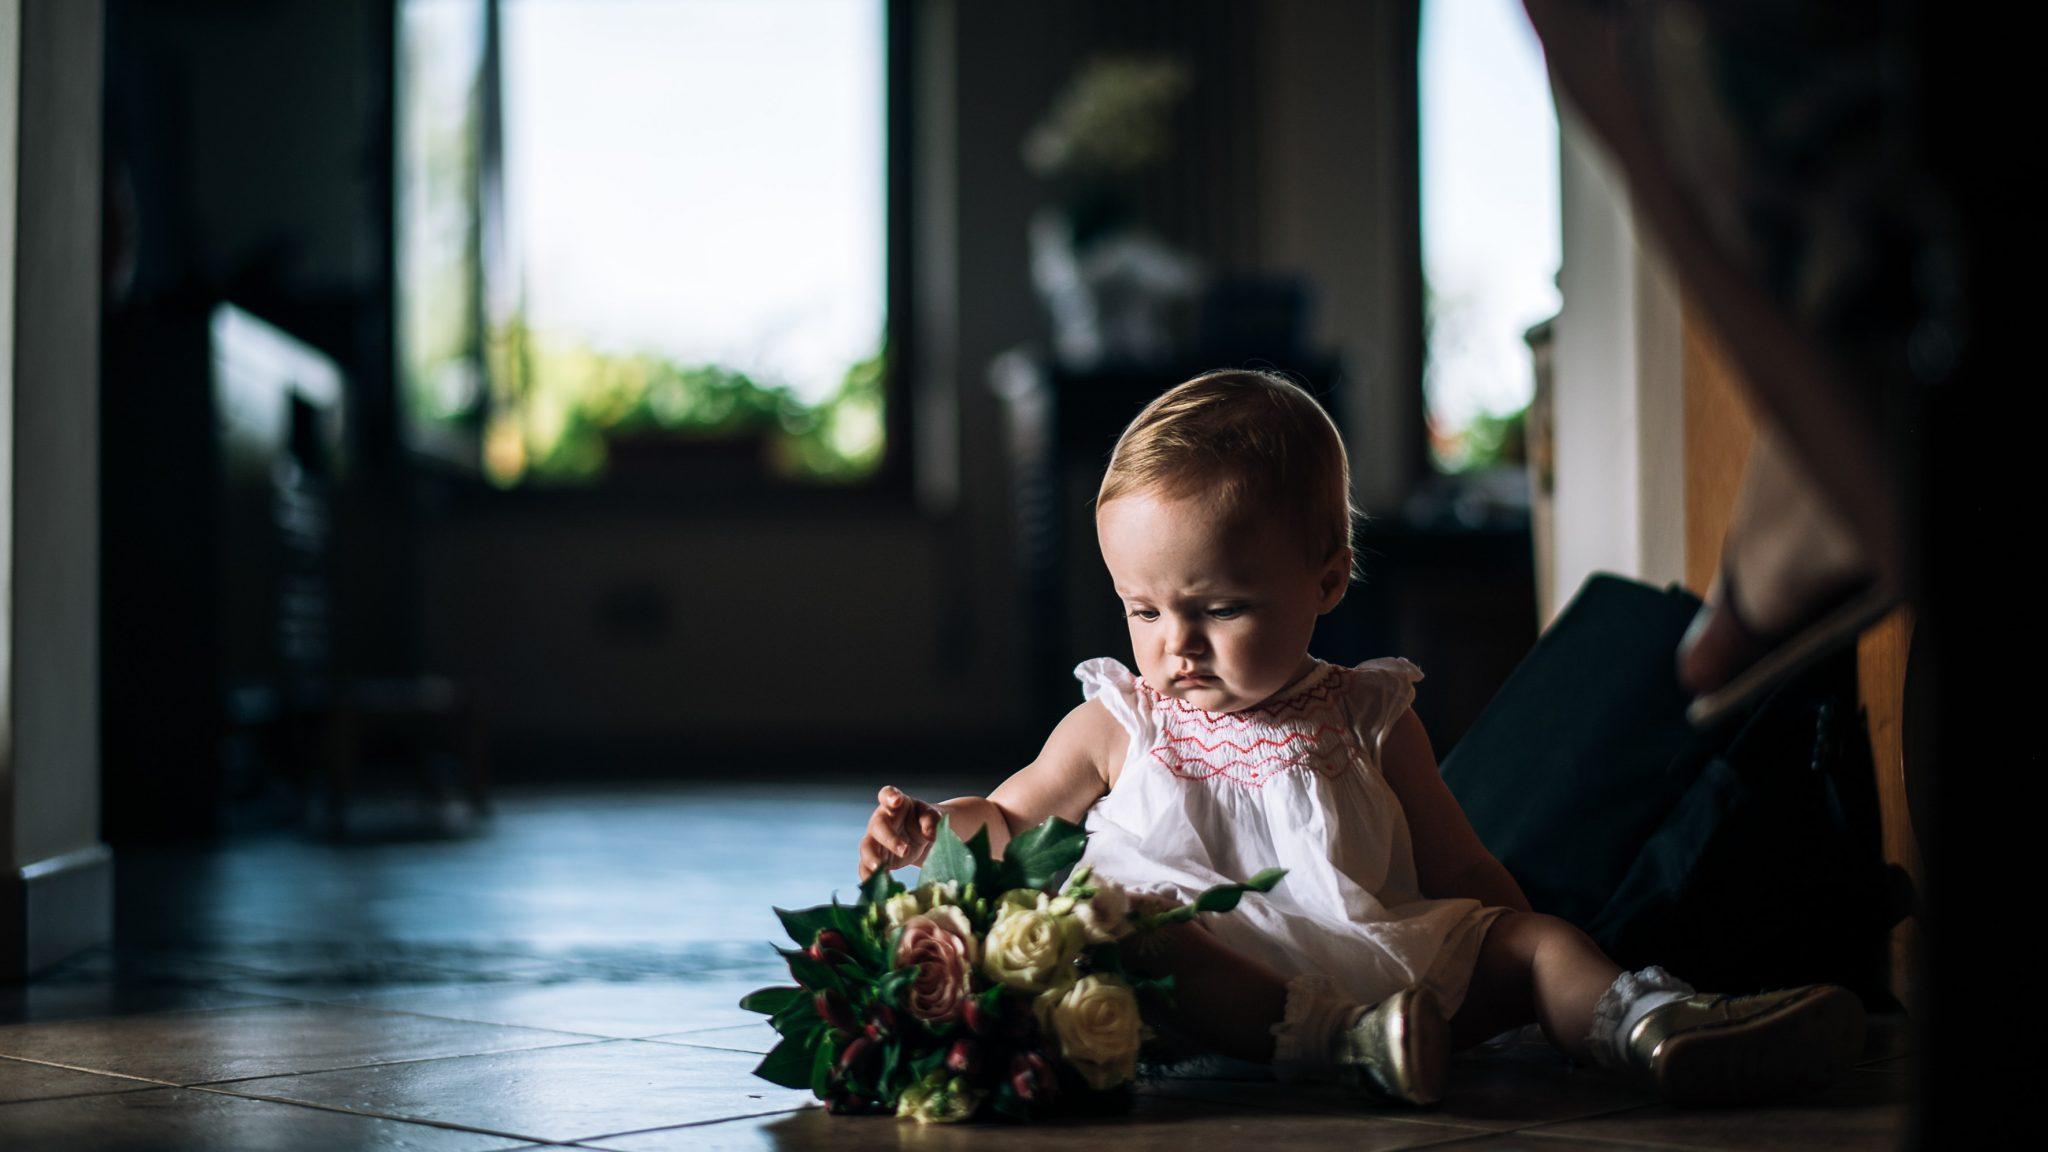 una bambina piccola seduta sul pavimento gioca con il bouquet della sposa